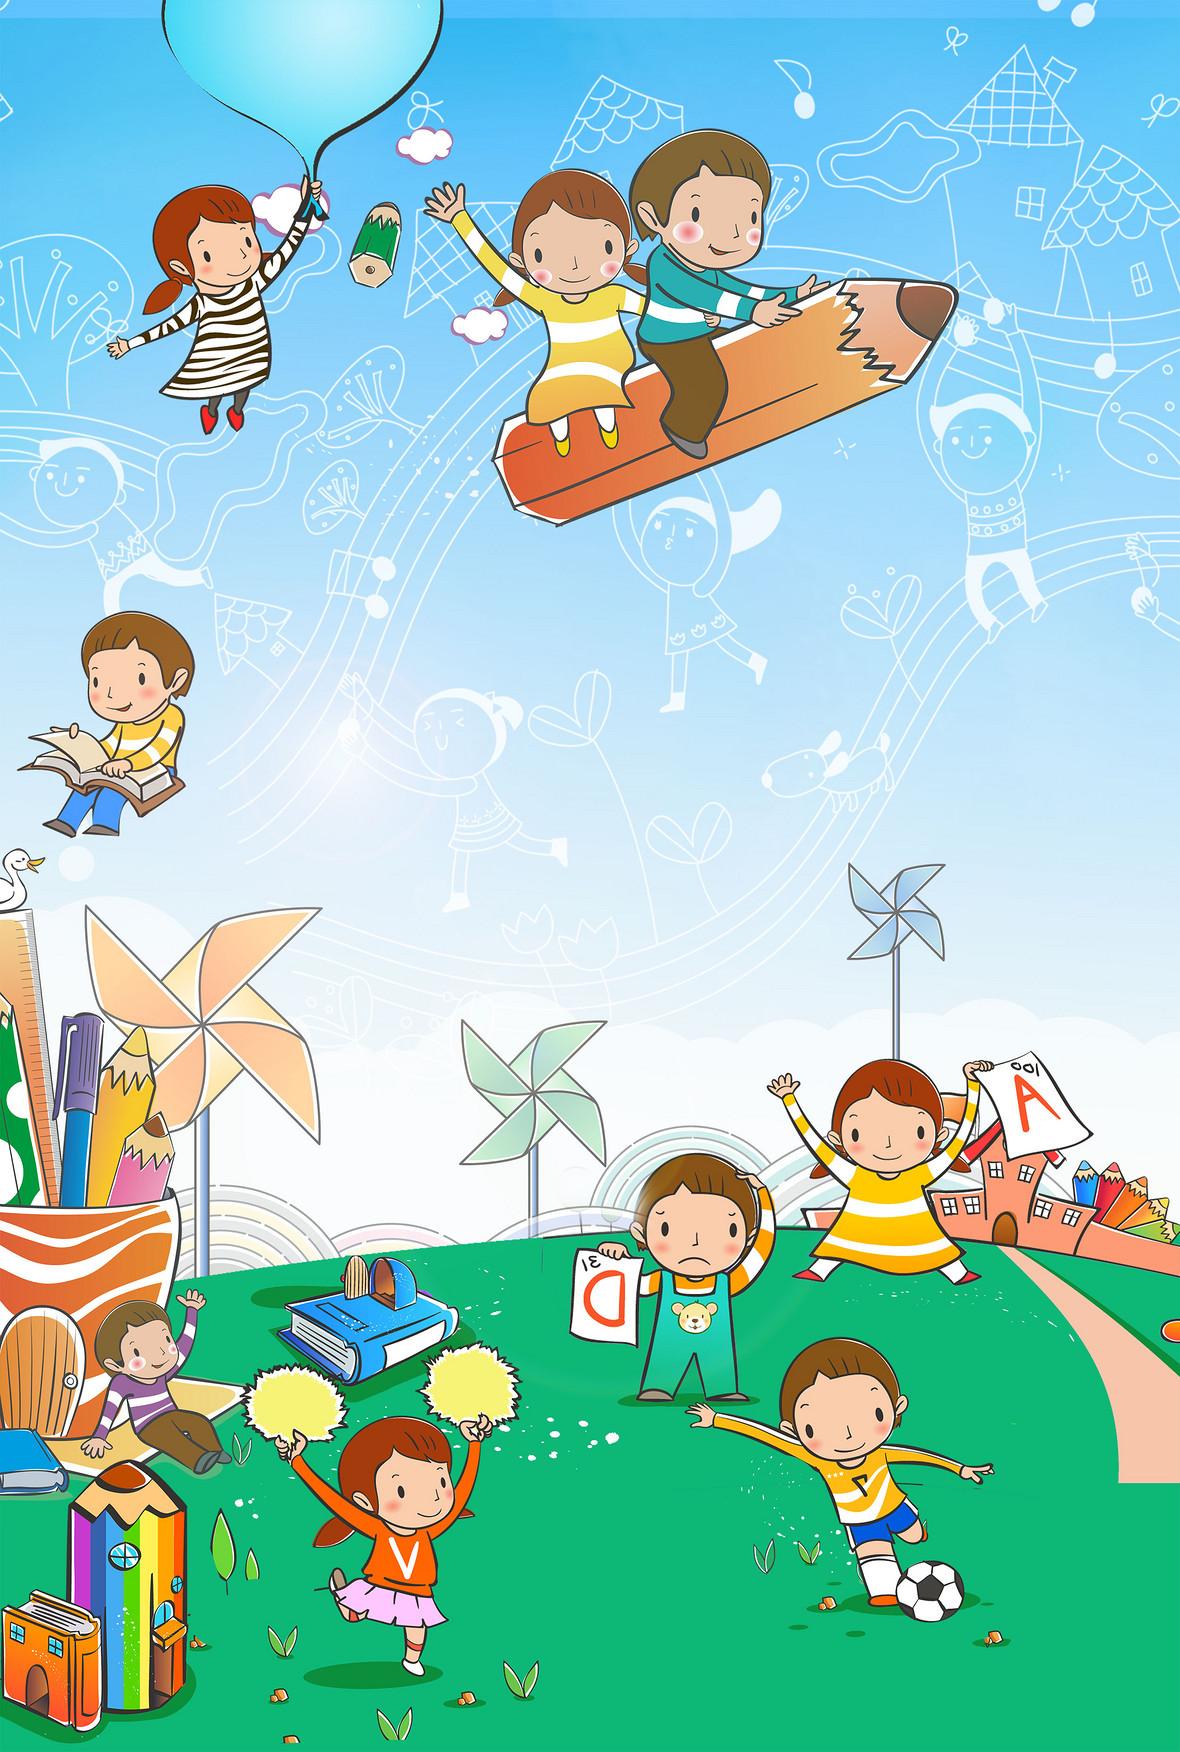 卡通儿童招生海报背景素材大全